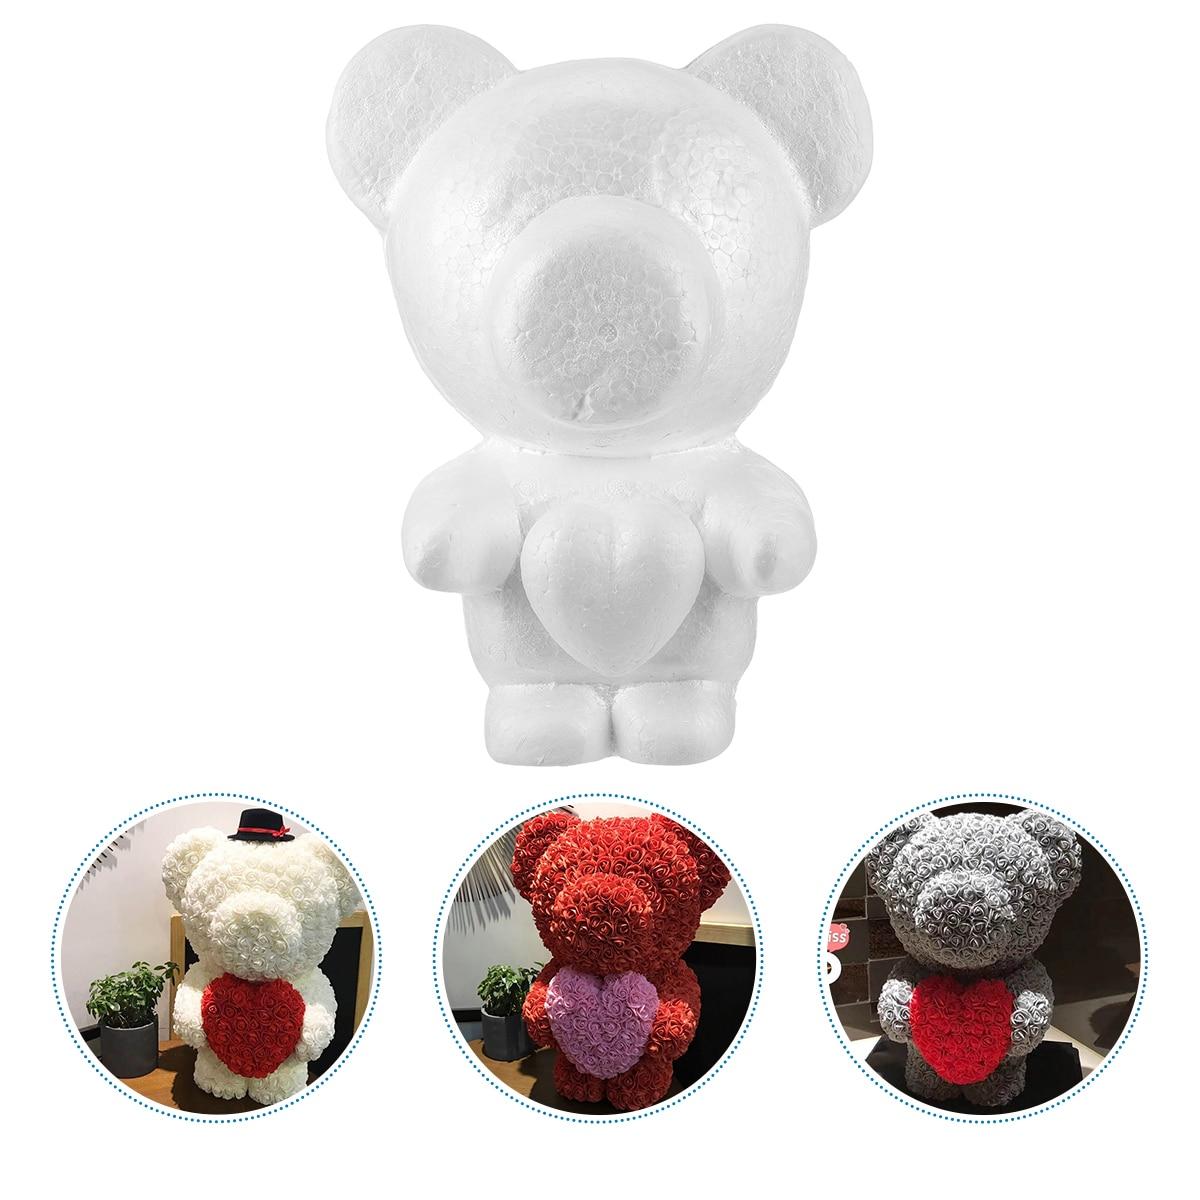 1 шт пенополистирол медведь пресс-формы, полистирол Медведь DIY пресс-формы, оам медведь Форма моделирования для ко Дню Святого Валентина Сва...